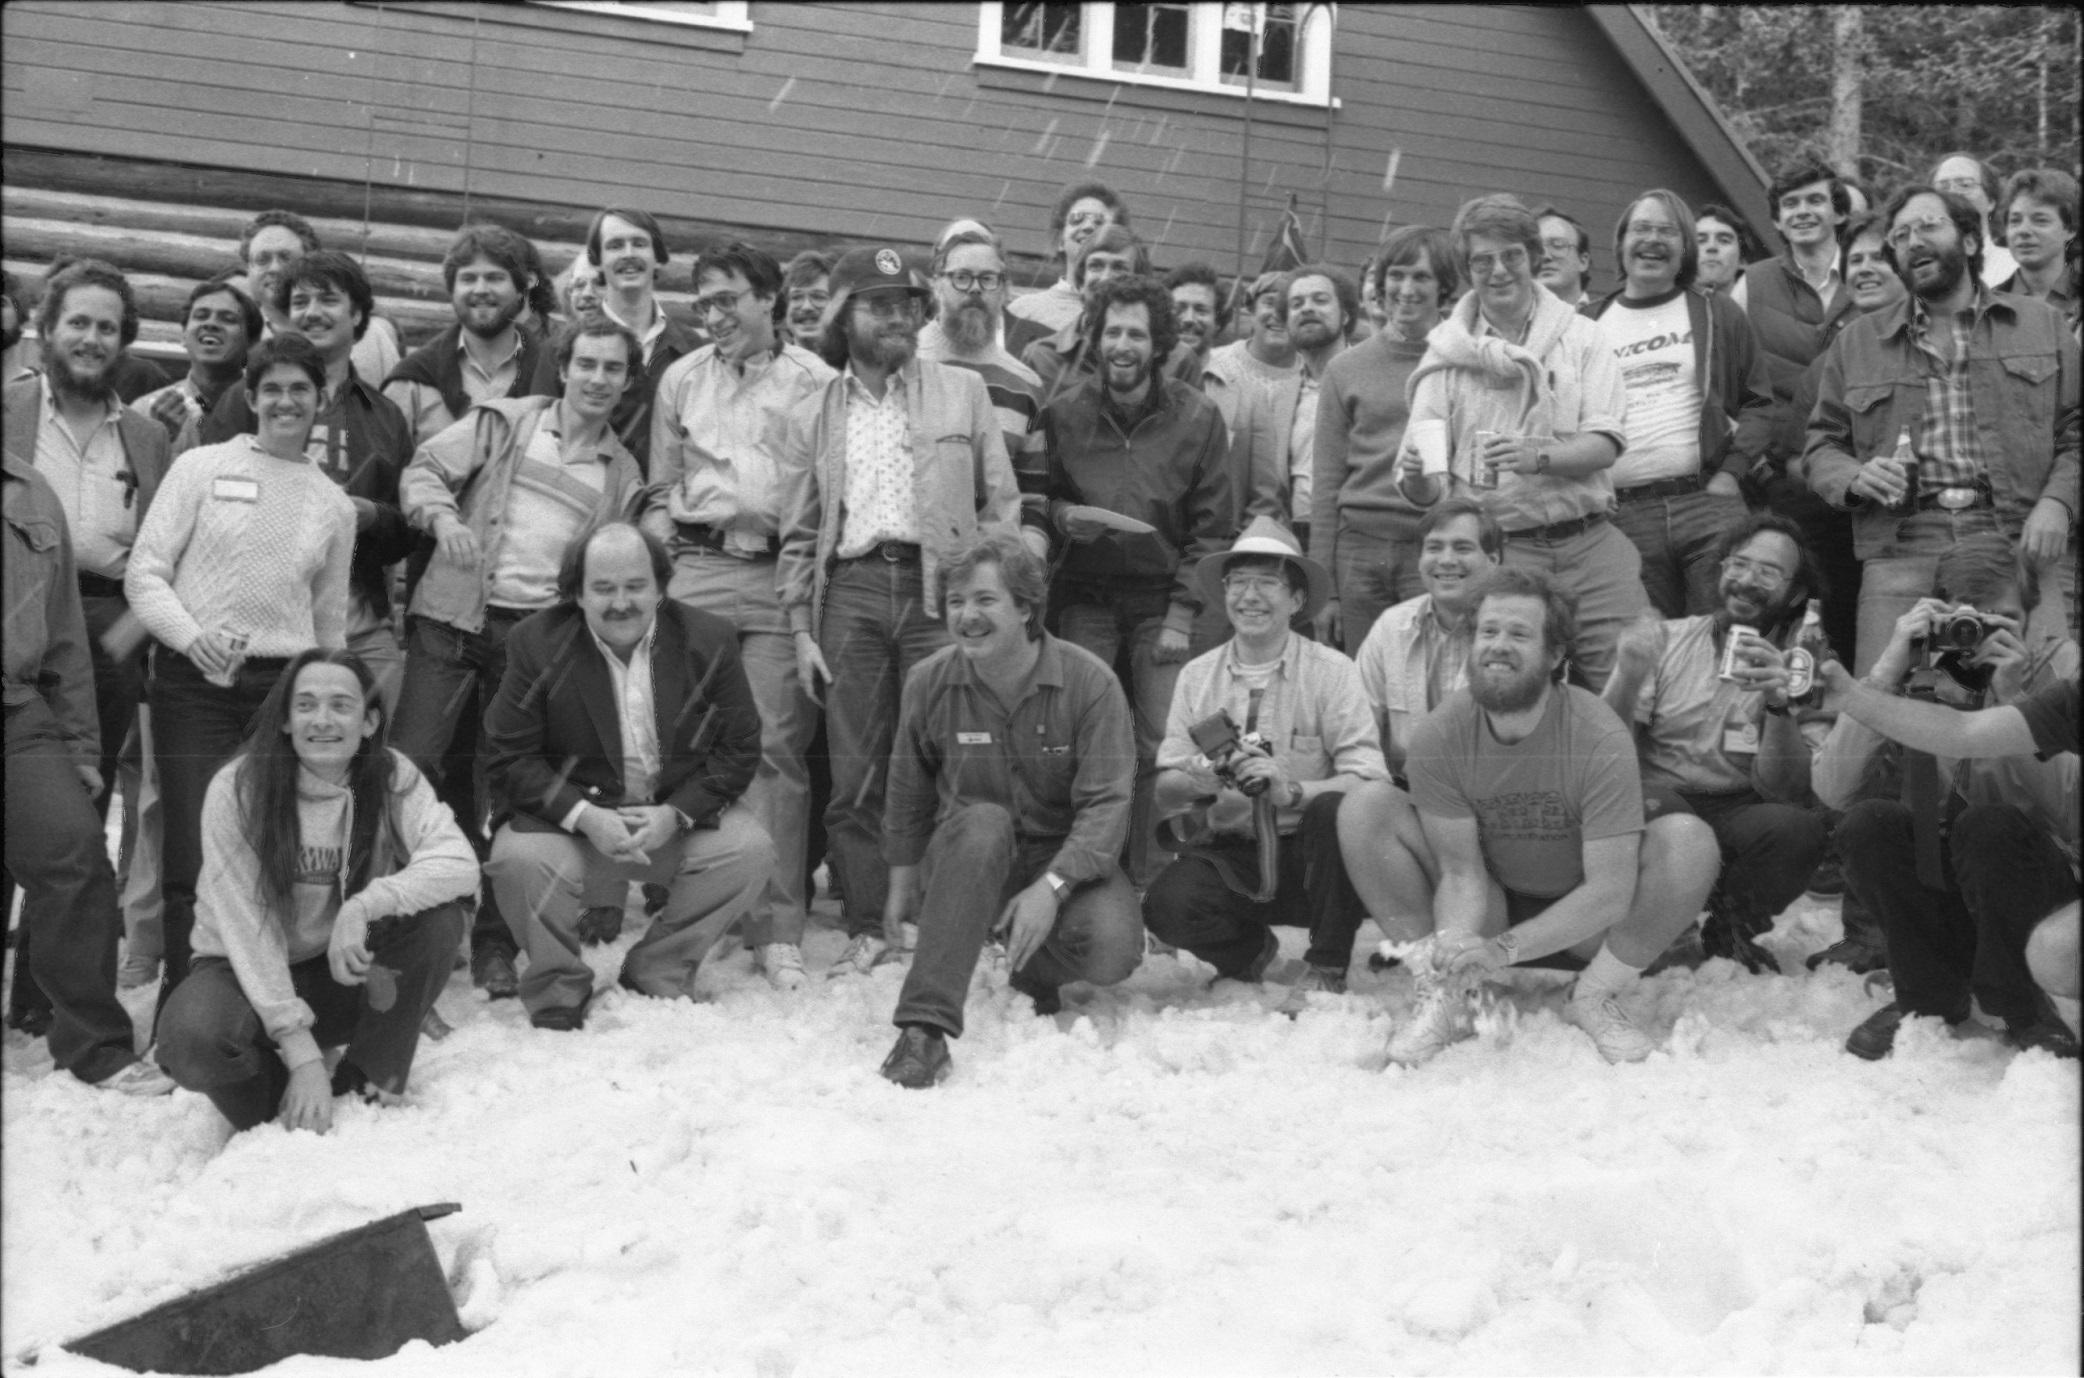 سخنرانان کنفرانس تابستانی یوزنیکس در سال ۱۹۸۴، دنیس ریچی، اریک آلمن، ساموئل لفلر، مایکل کارلز و تعدادی دیگر در تصویر دیده میشوند.